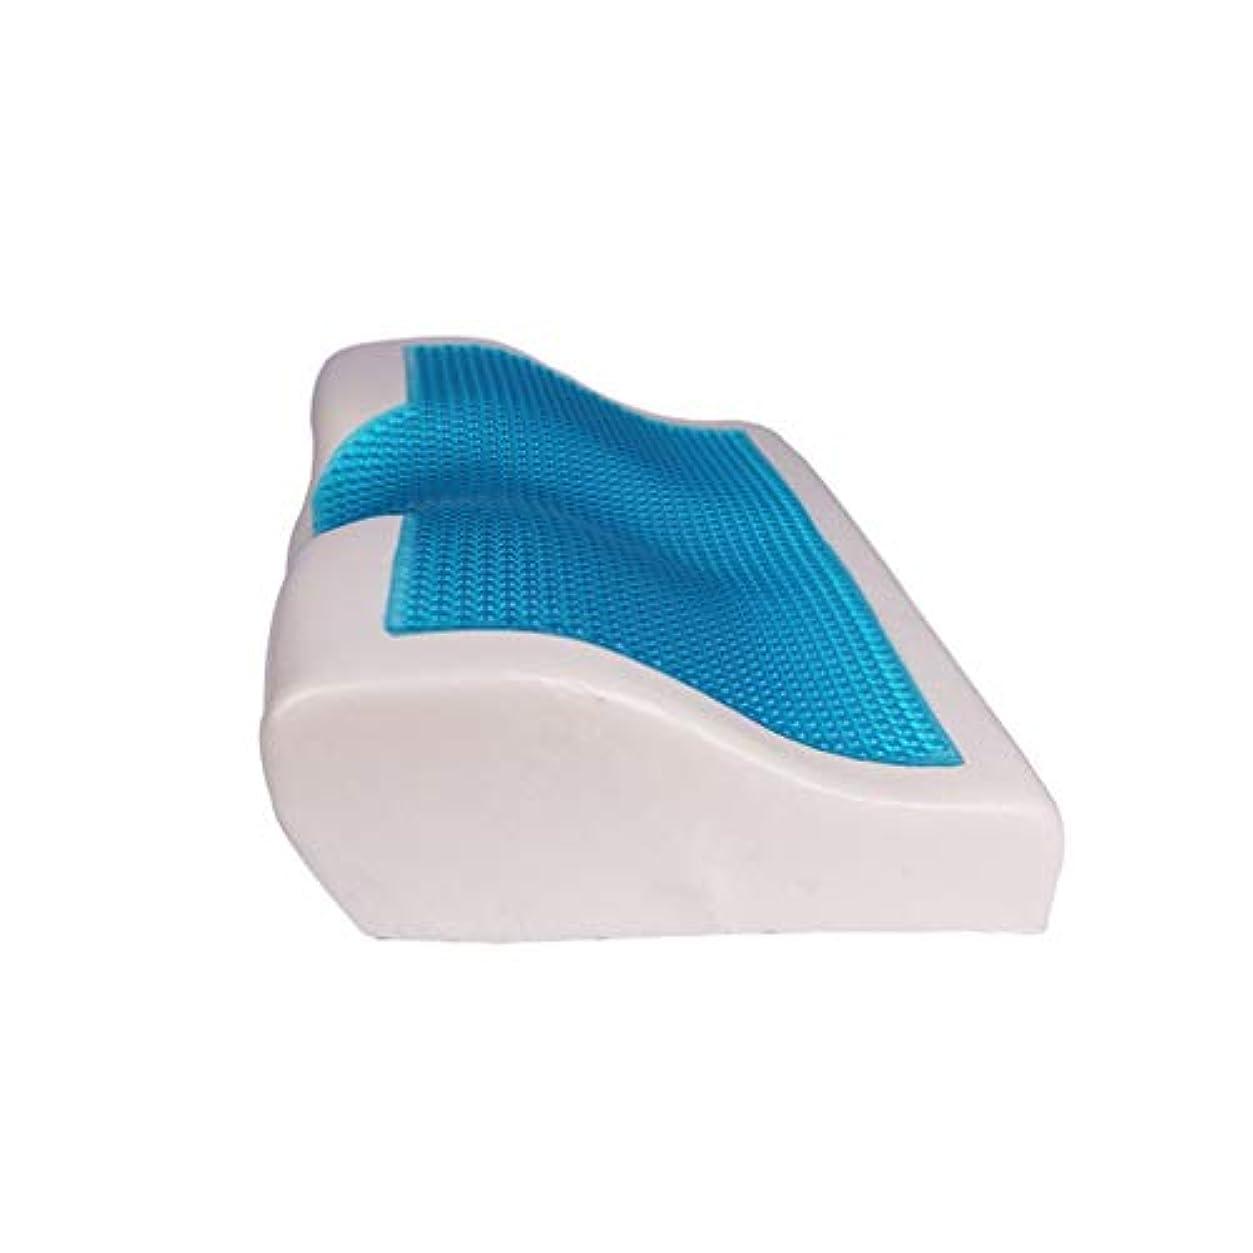 動かない死の顎許さない低反発クールなジェル枕夏の冷たい眠りの青涼しい快適なジェルベッド枕クッション用寝具